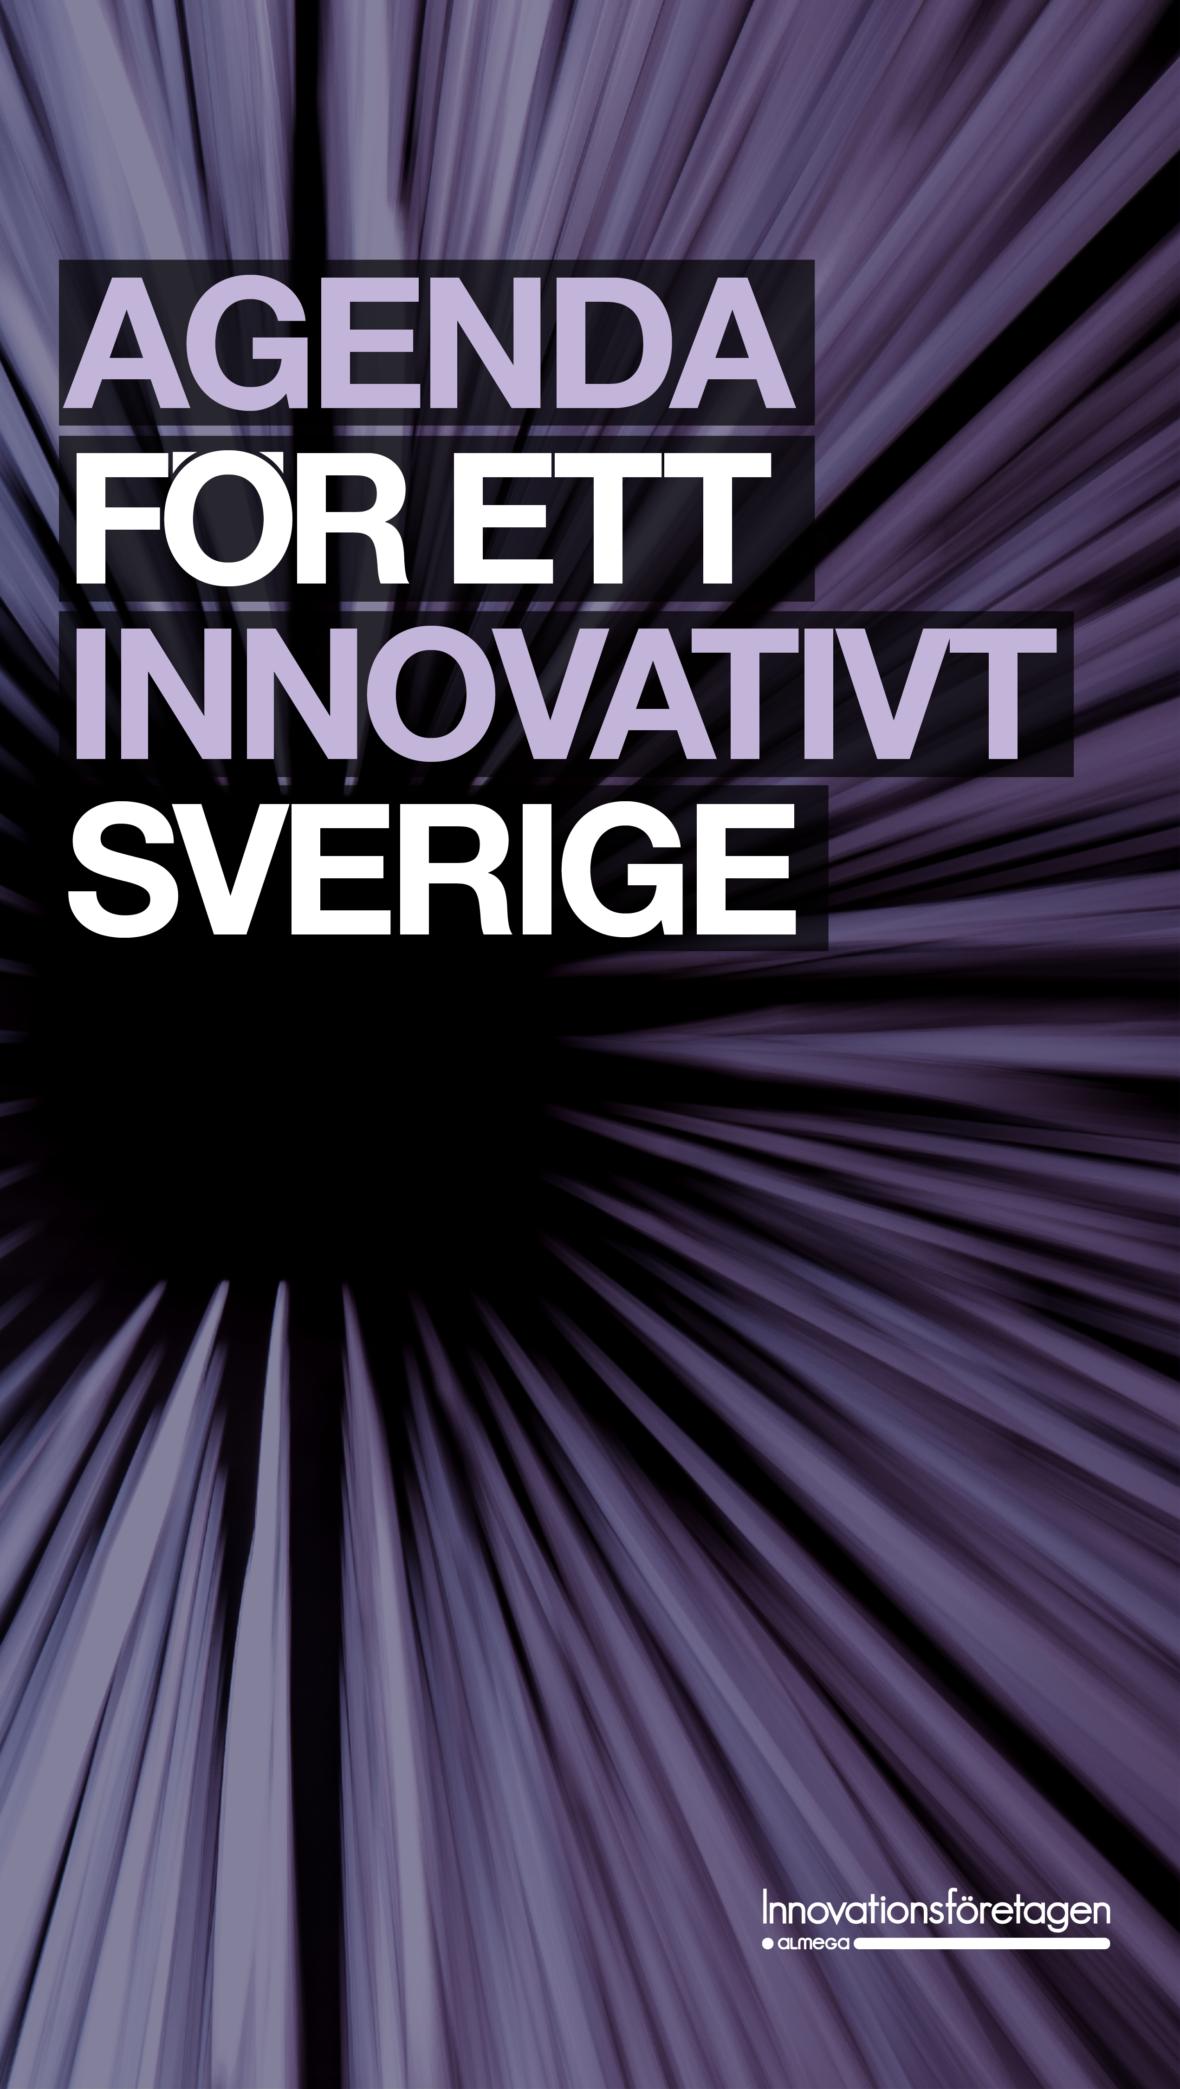 Agenda för ett innovativt Sverige